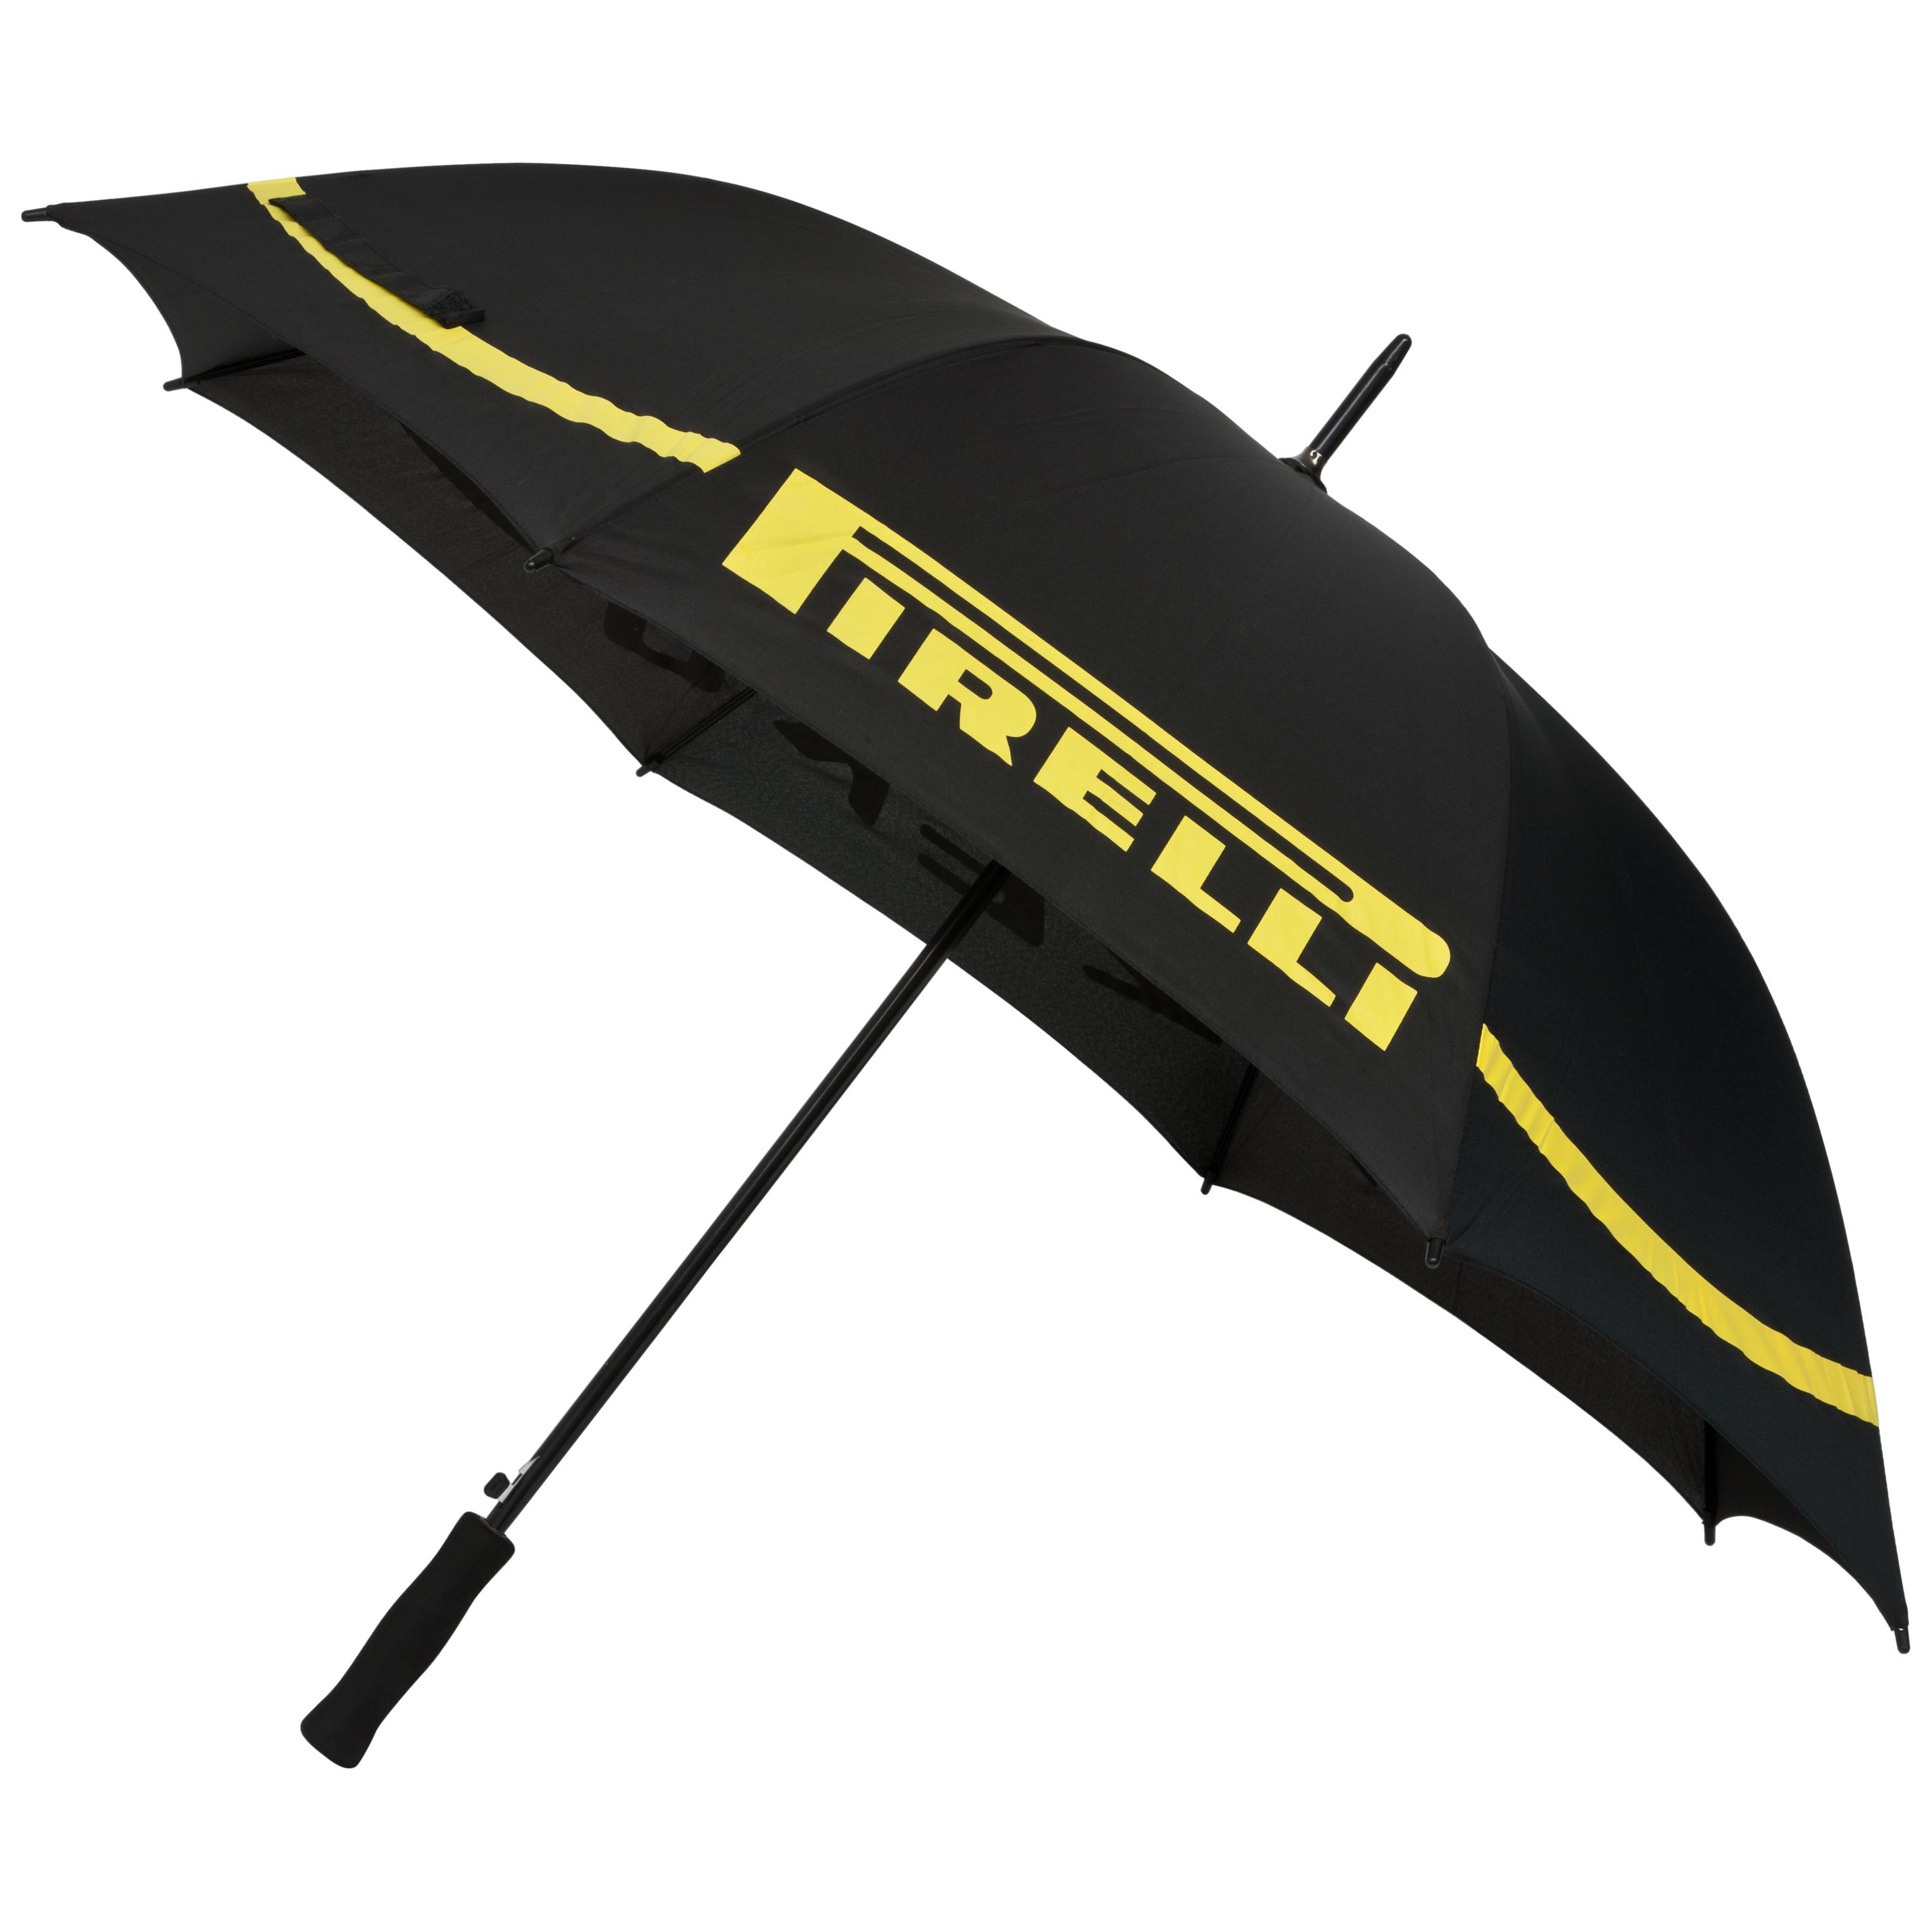 Pirelli Pzero Umbrella